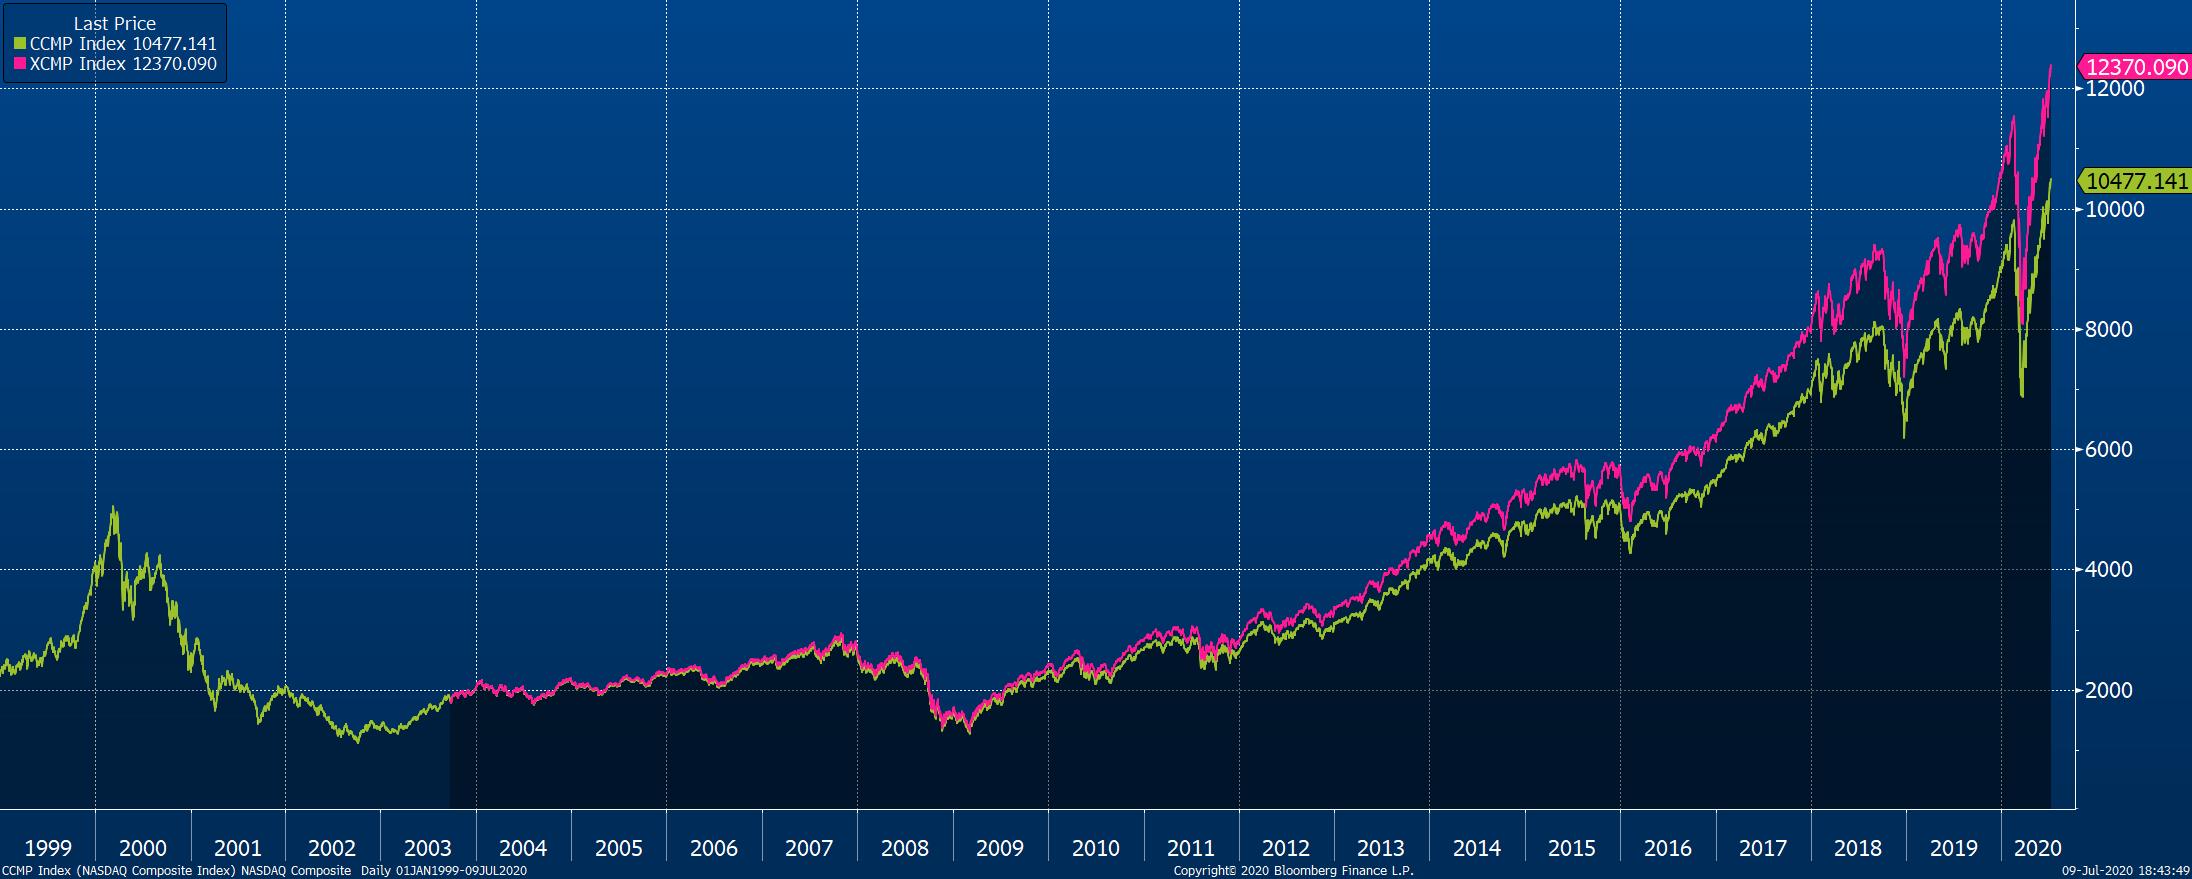 Vývoj indexu NASDAQ Composite ve standardní verzi bez dividend od roku 1999 (zelená) a ve verzi total return včetně dividend od roku 2003 (růžová)